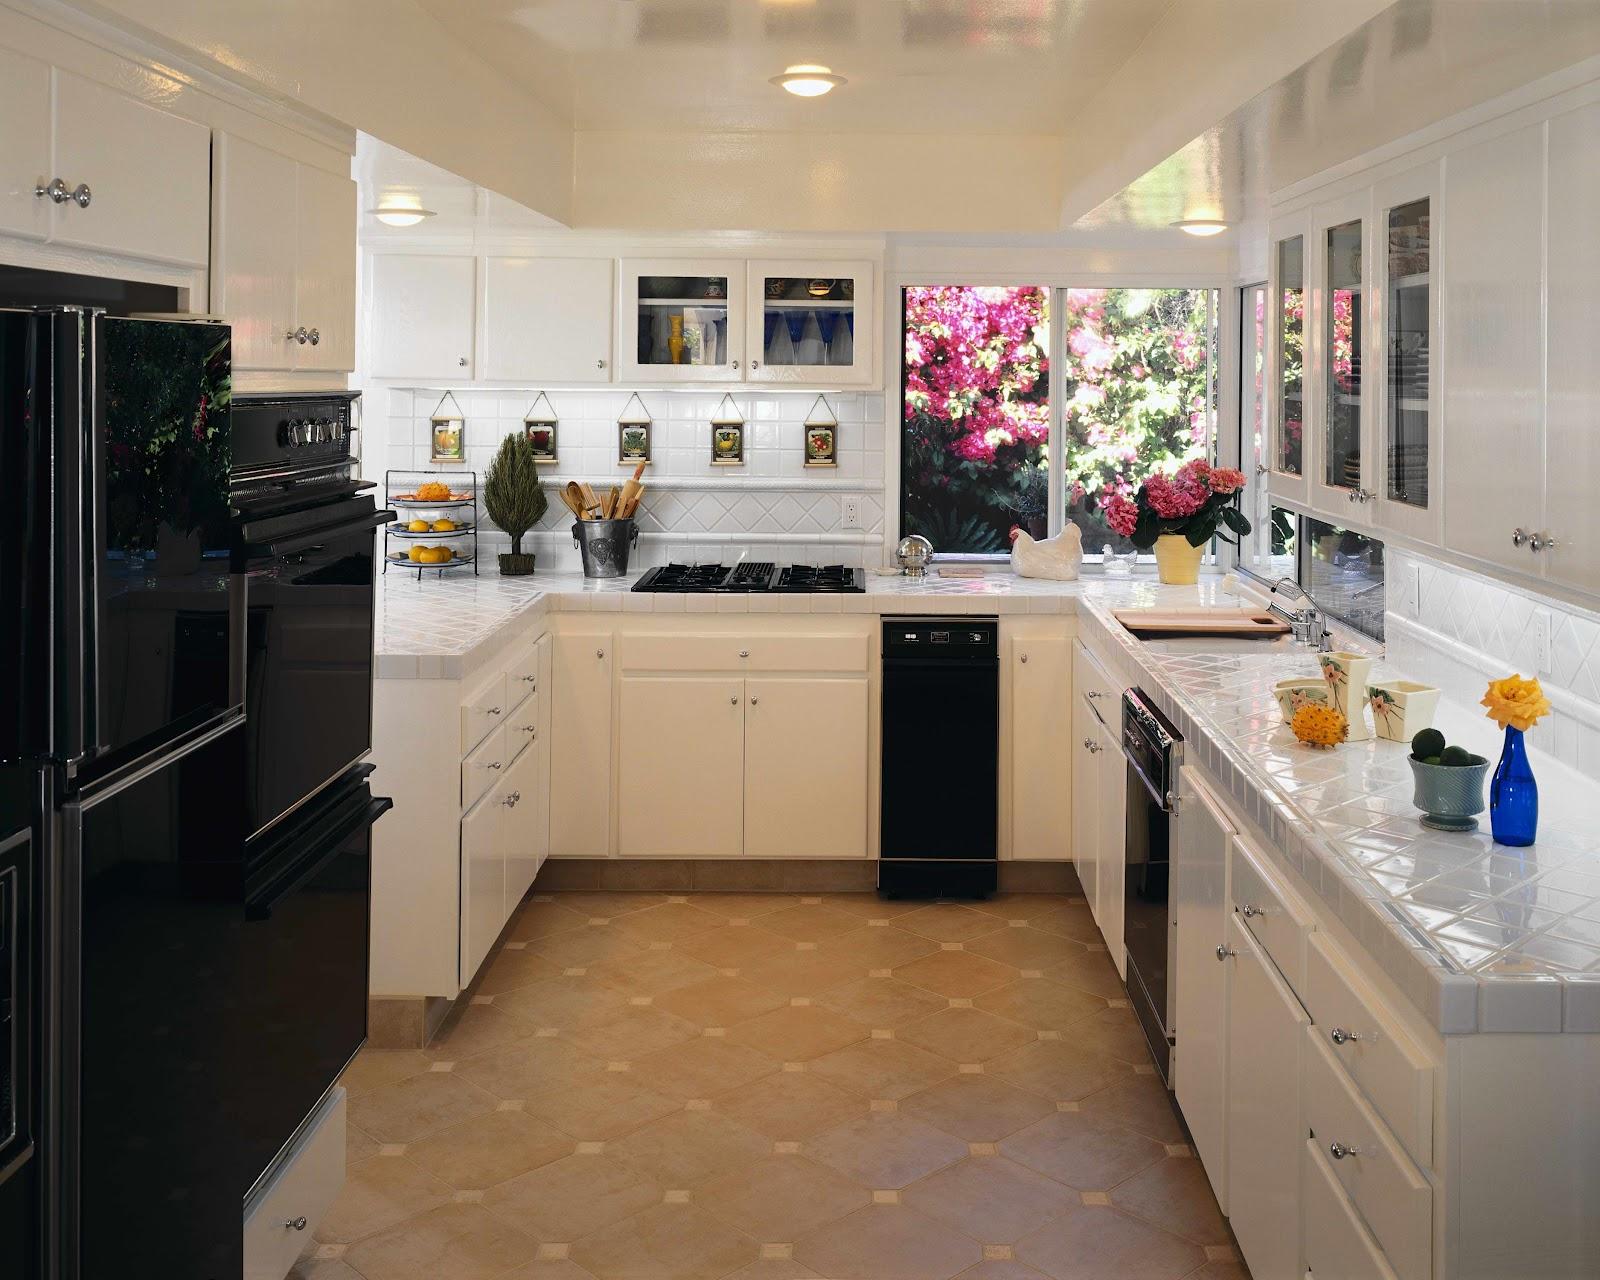 Michelli Lucas Designer de Interiores: Referências de Cozinhas #163480 1600 1280